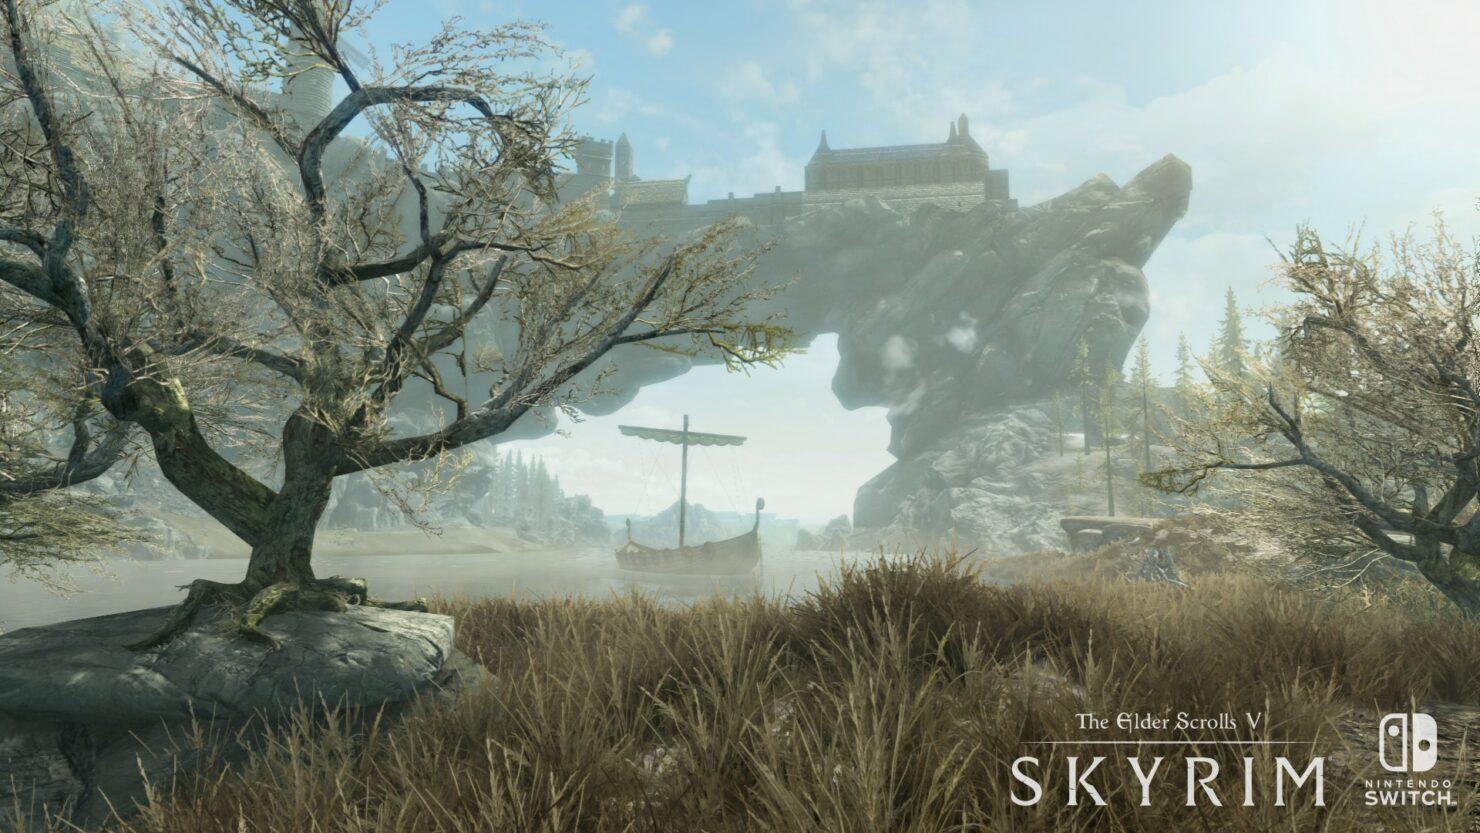 skyrim-switch-3